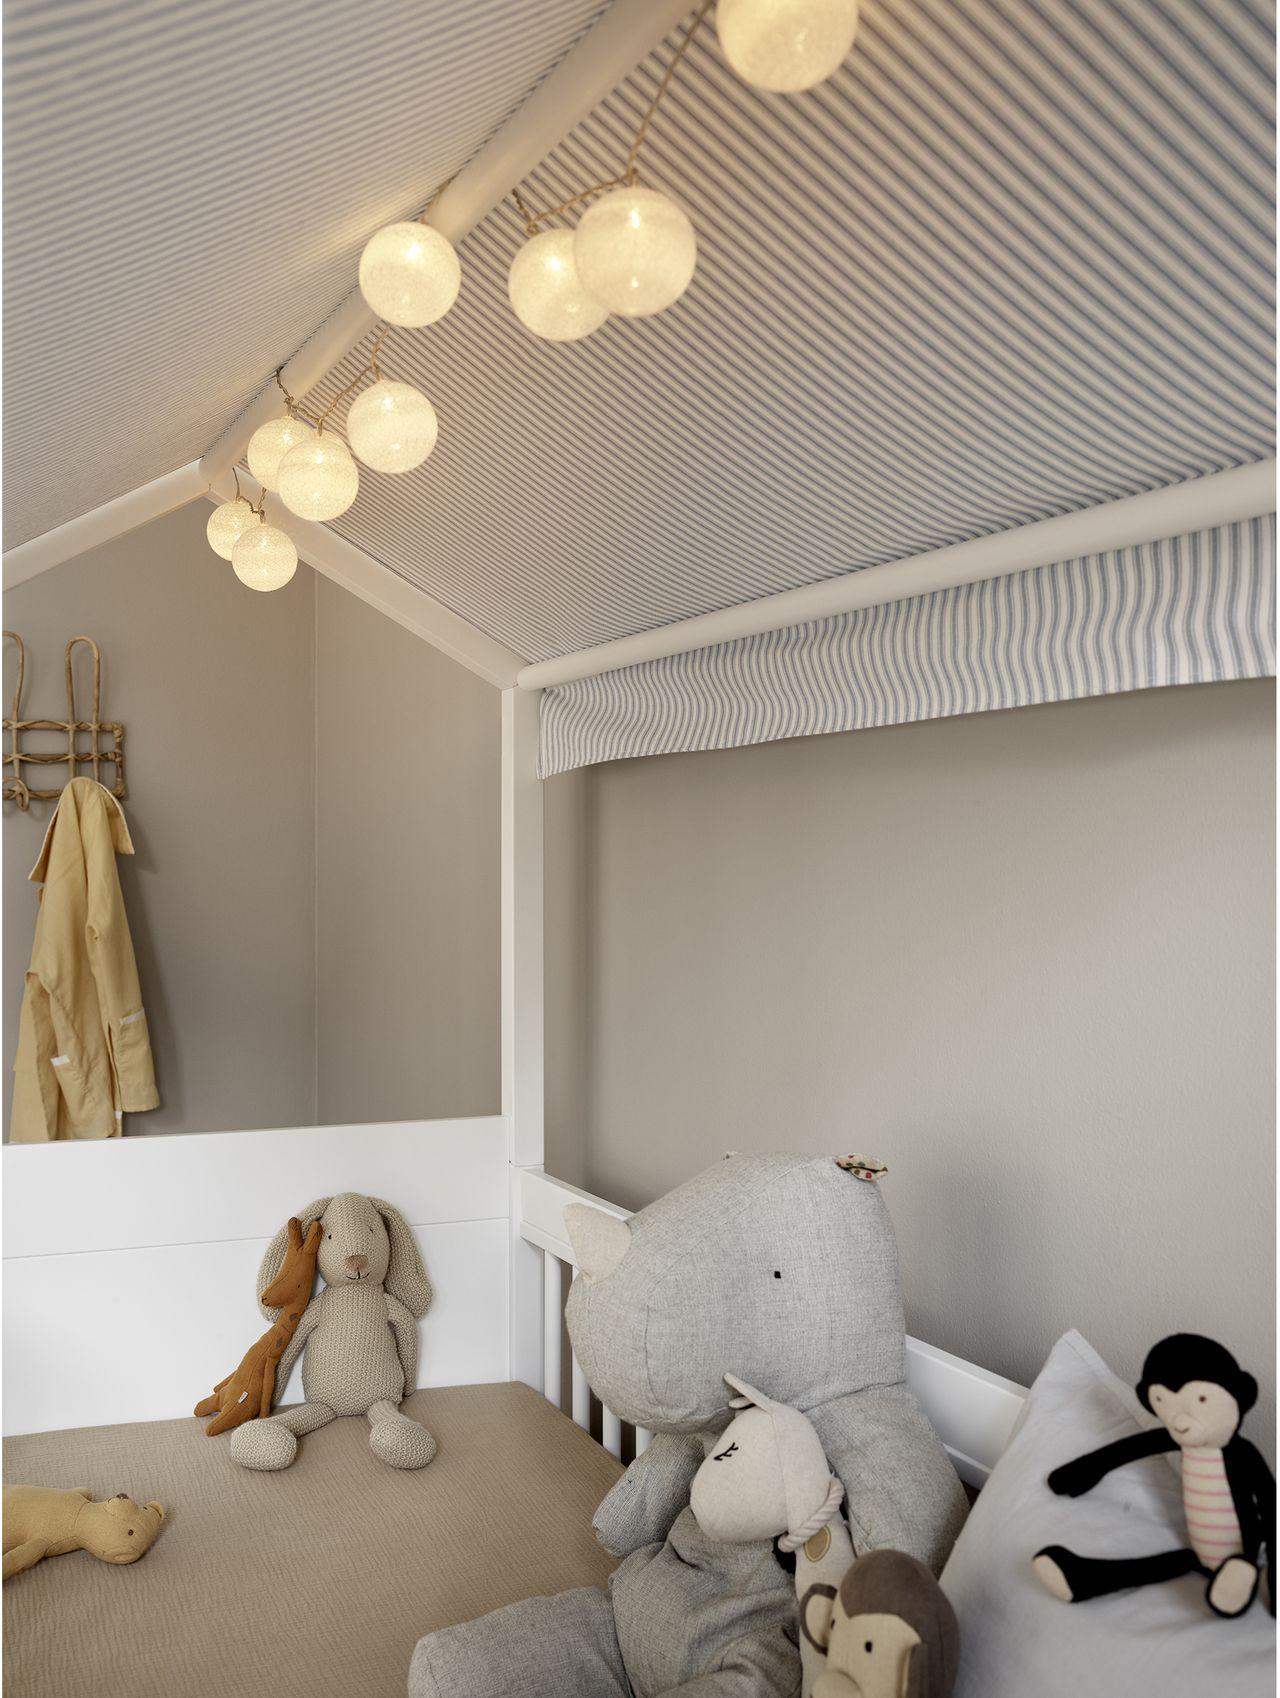 Seaside Lille+ Halbhochbett von Oliver Furniture in Berlin kaufen - Kleine Fabriek